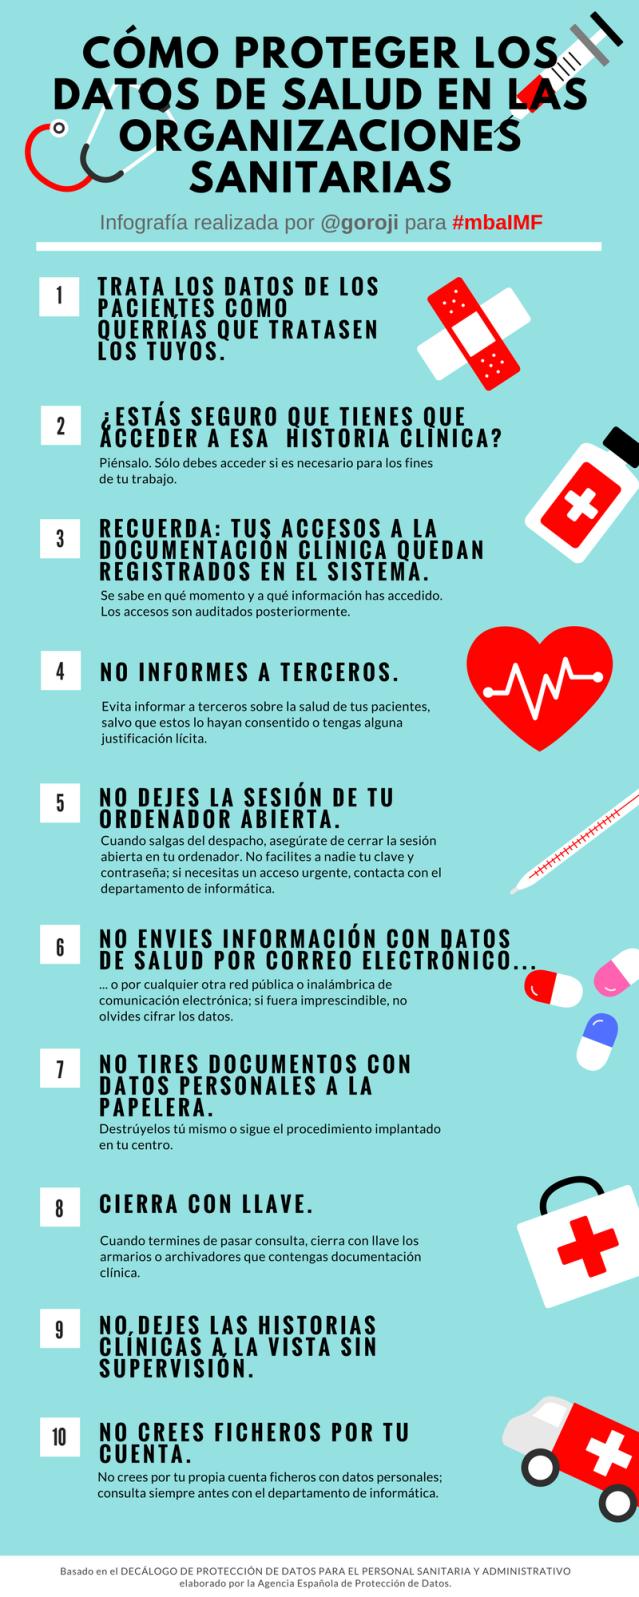 Infografía Cómo proteger datos salud organizaciones sanitarias